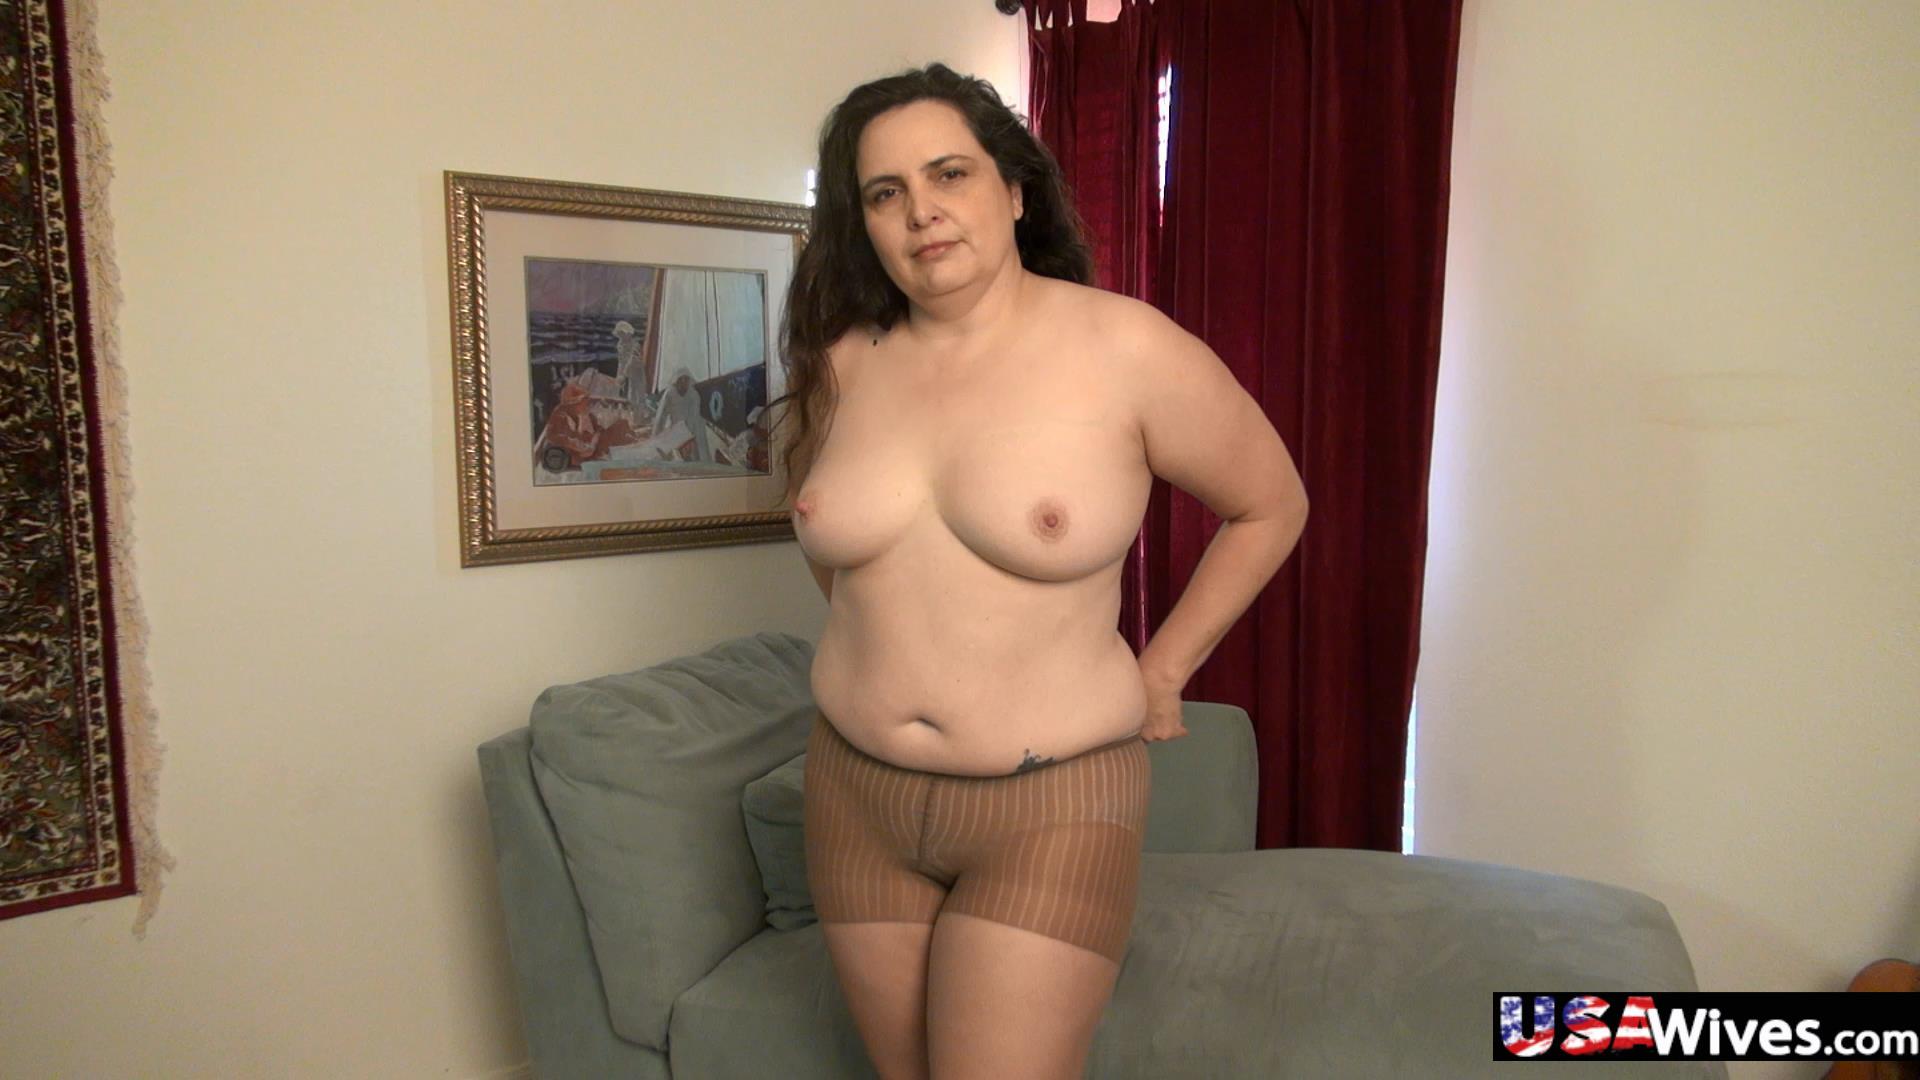 amateur porn free